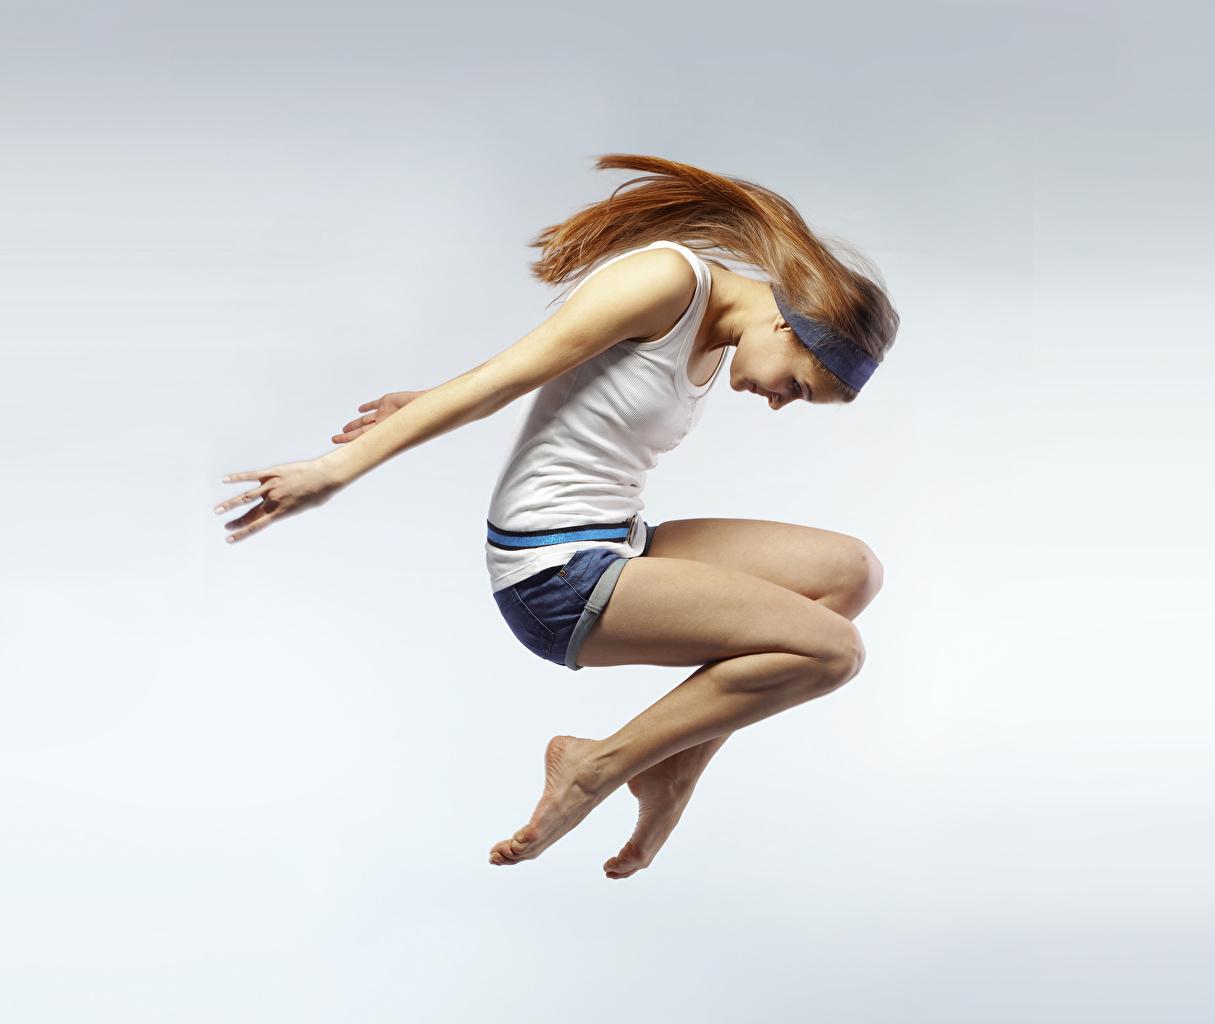 Фото Шатенка Девушки Майка в прыжке Руки сером фоне шатенки девушка молодые женщины молодая женщина майке майки Прыжок прыгать прыгает рука Серый фон